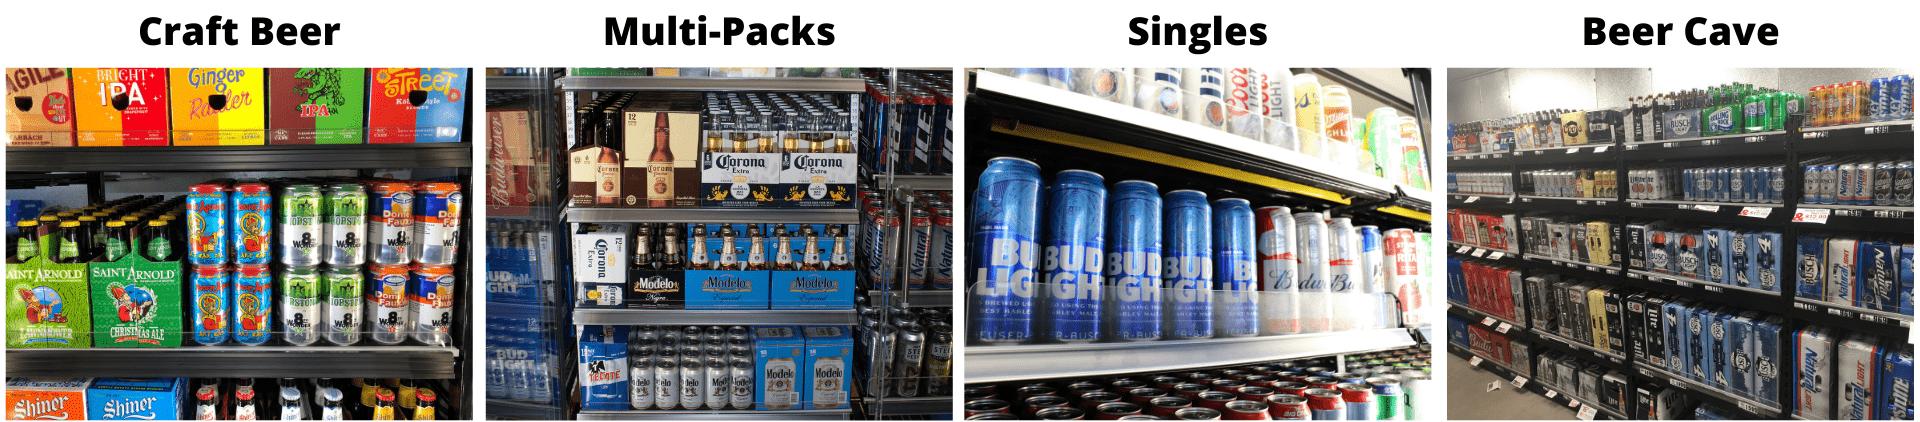 FlexRoller Beer Merchandising